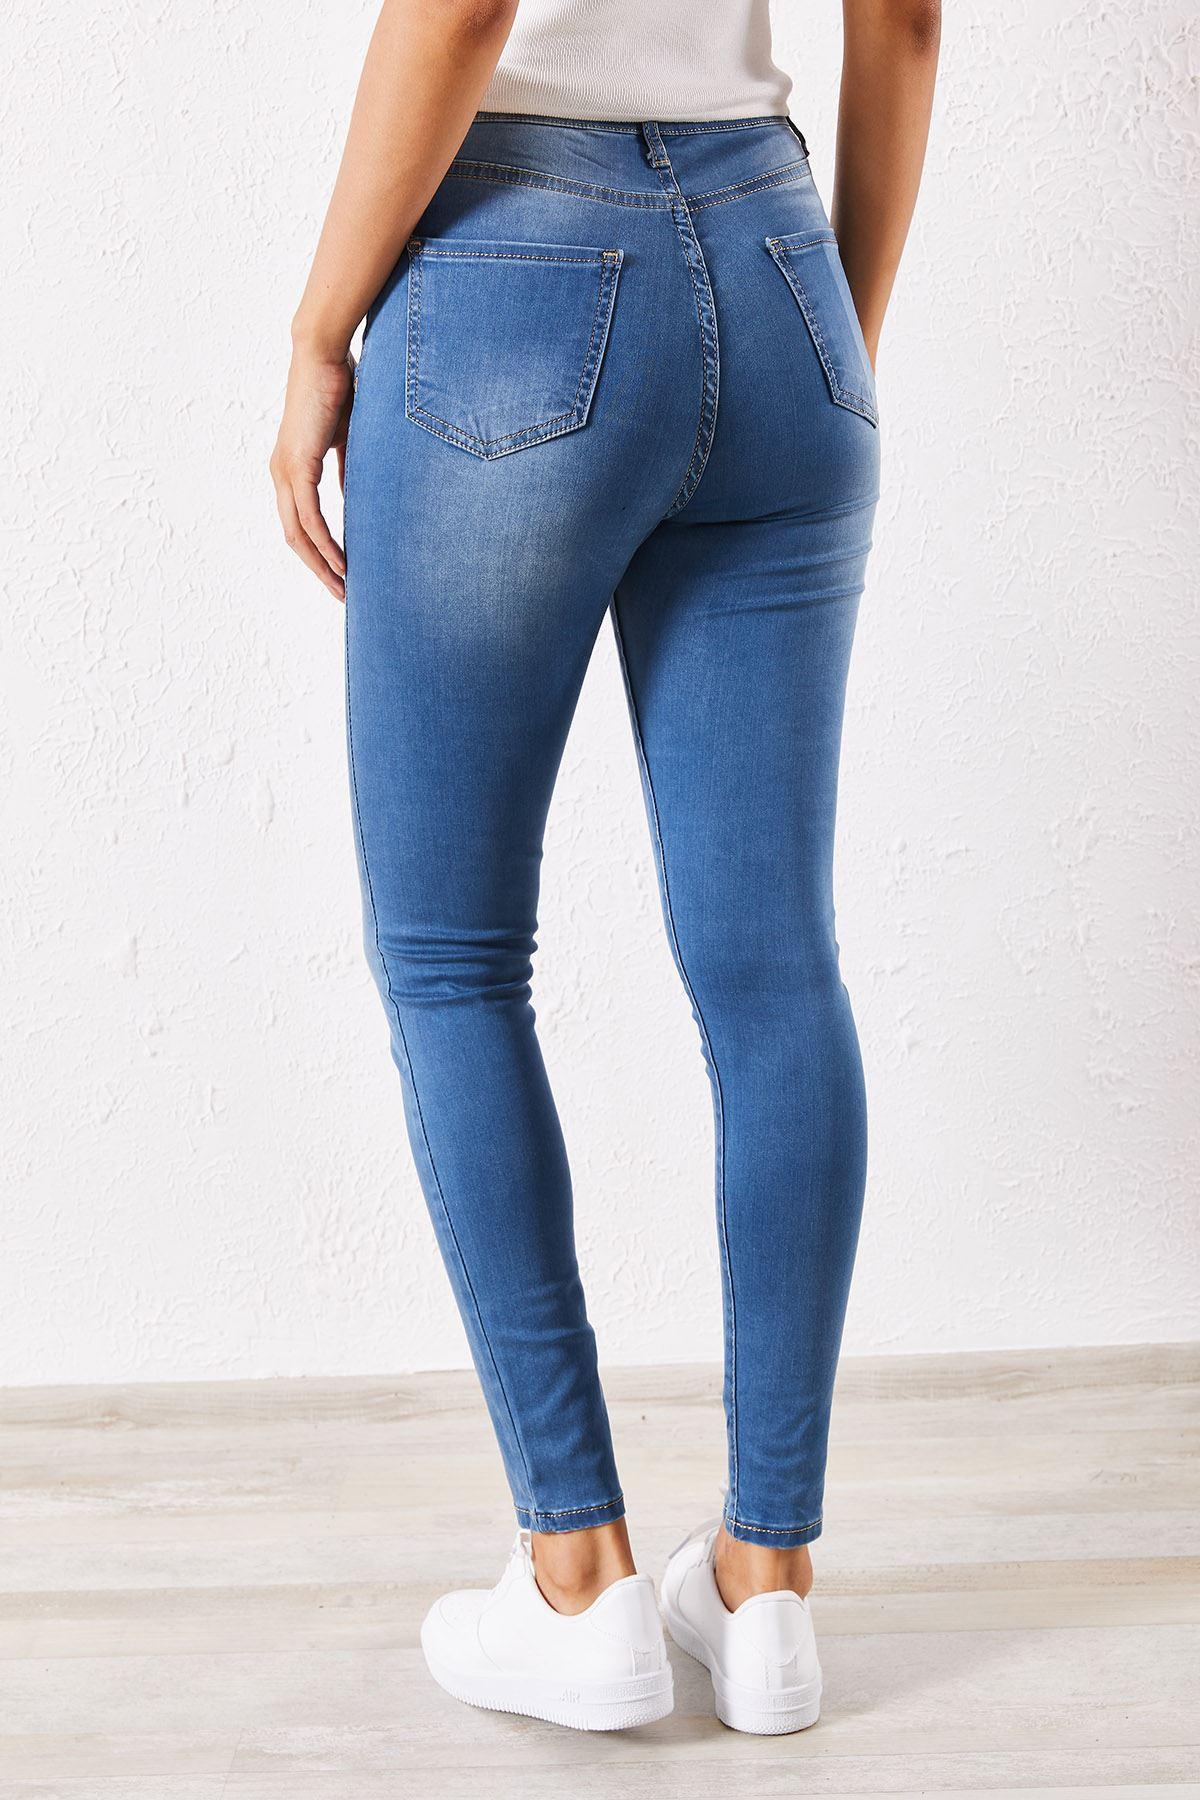 Kadın Likralı Slim Mavi Kot Pantolon